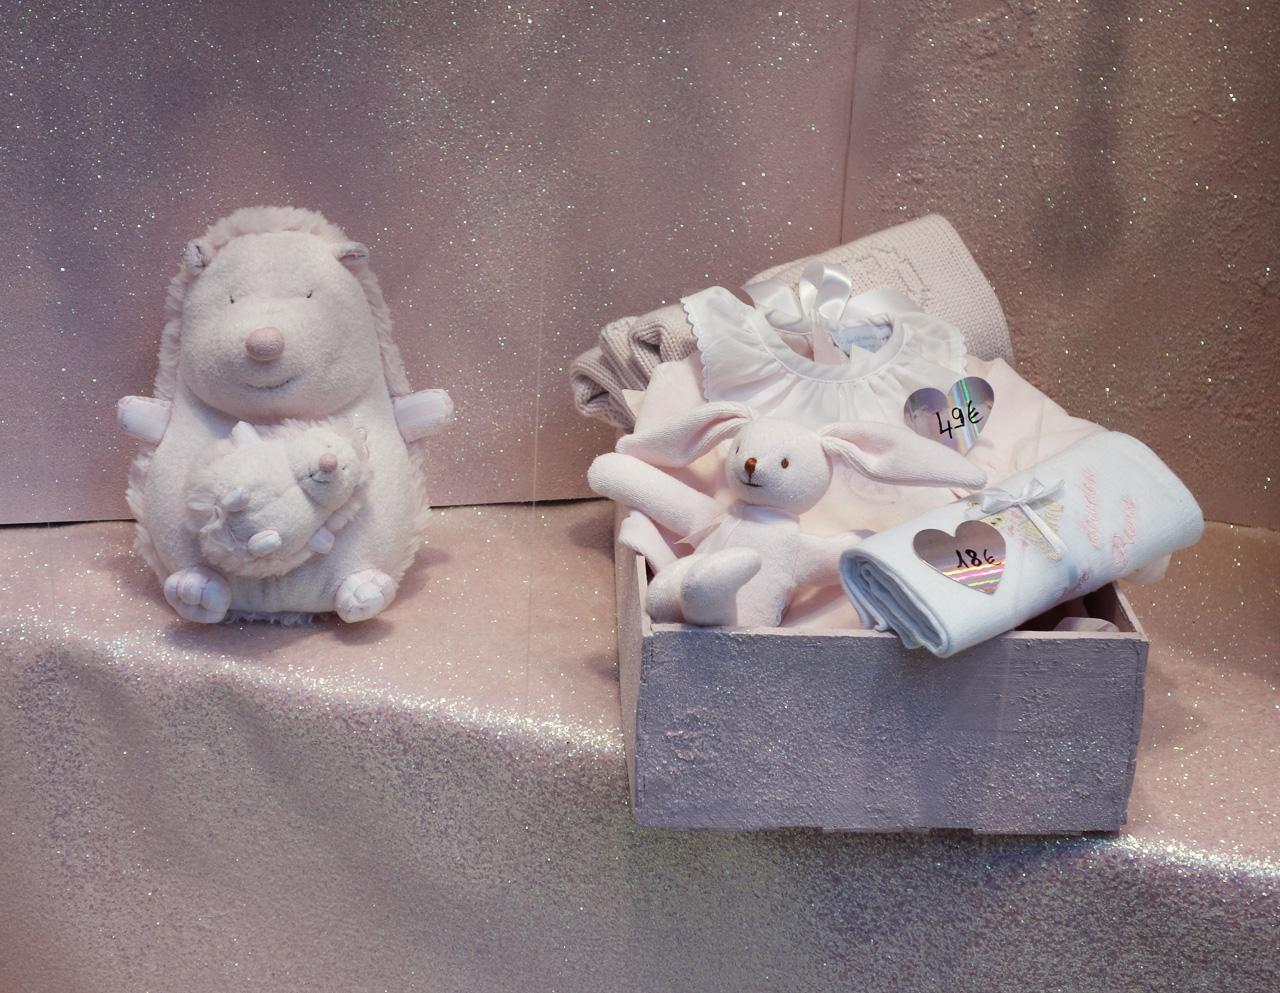 Baby-Tuileries-vitrines-noel-2013-rose-coffret-cadeau